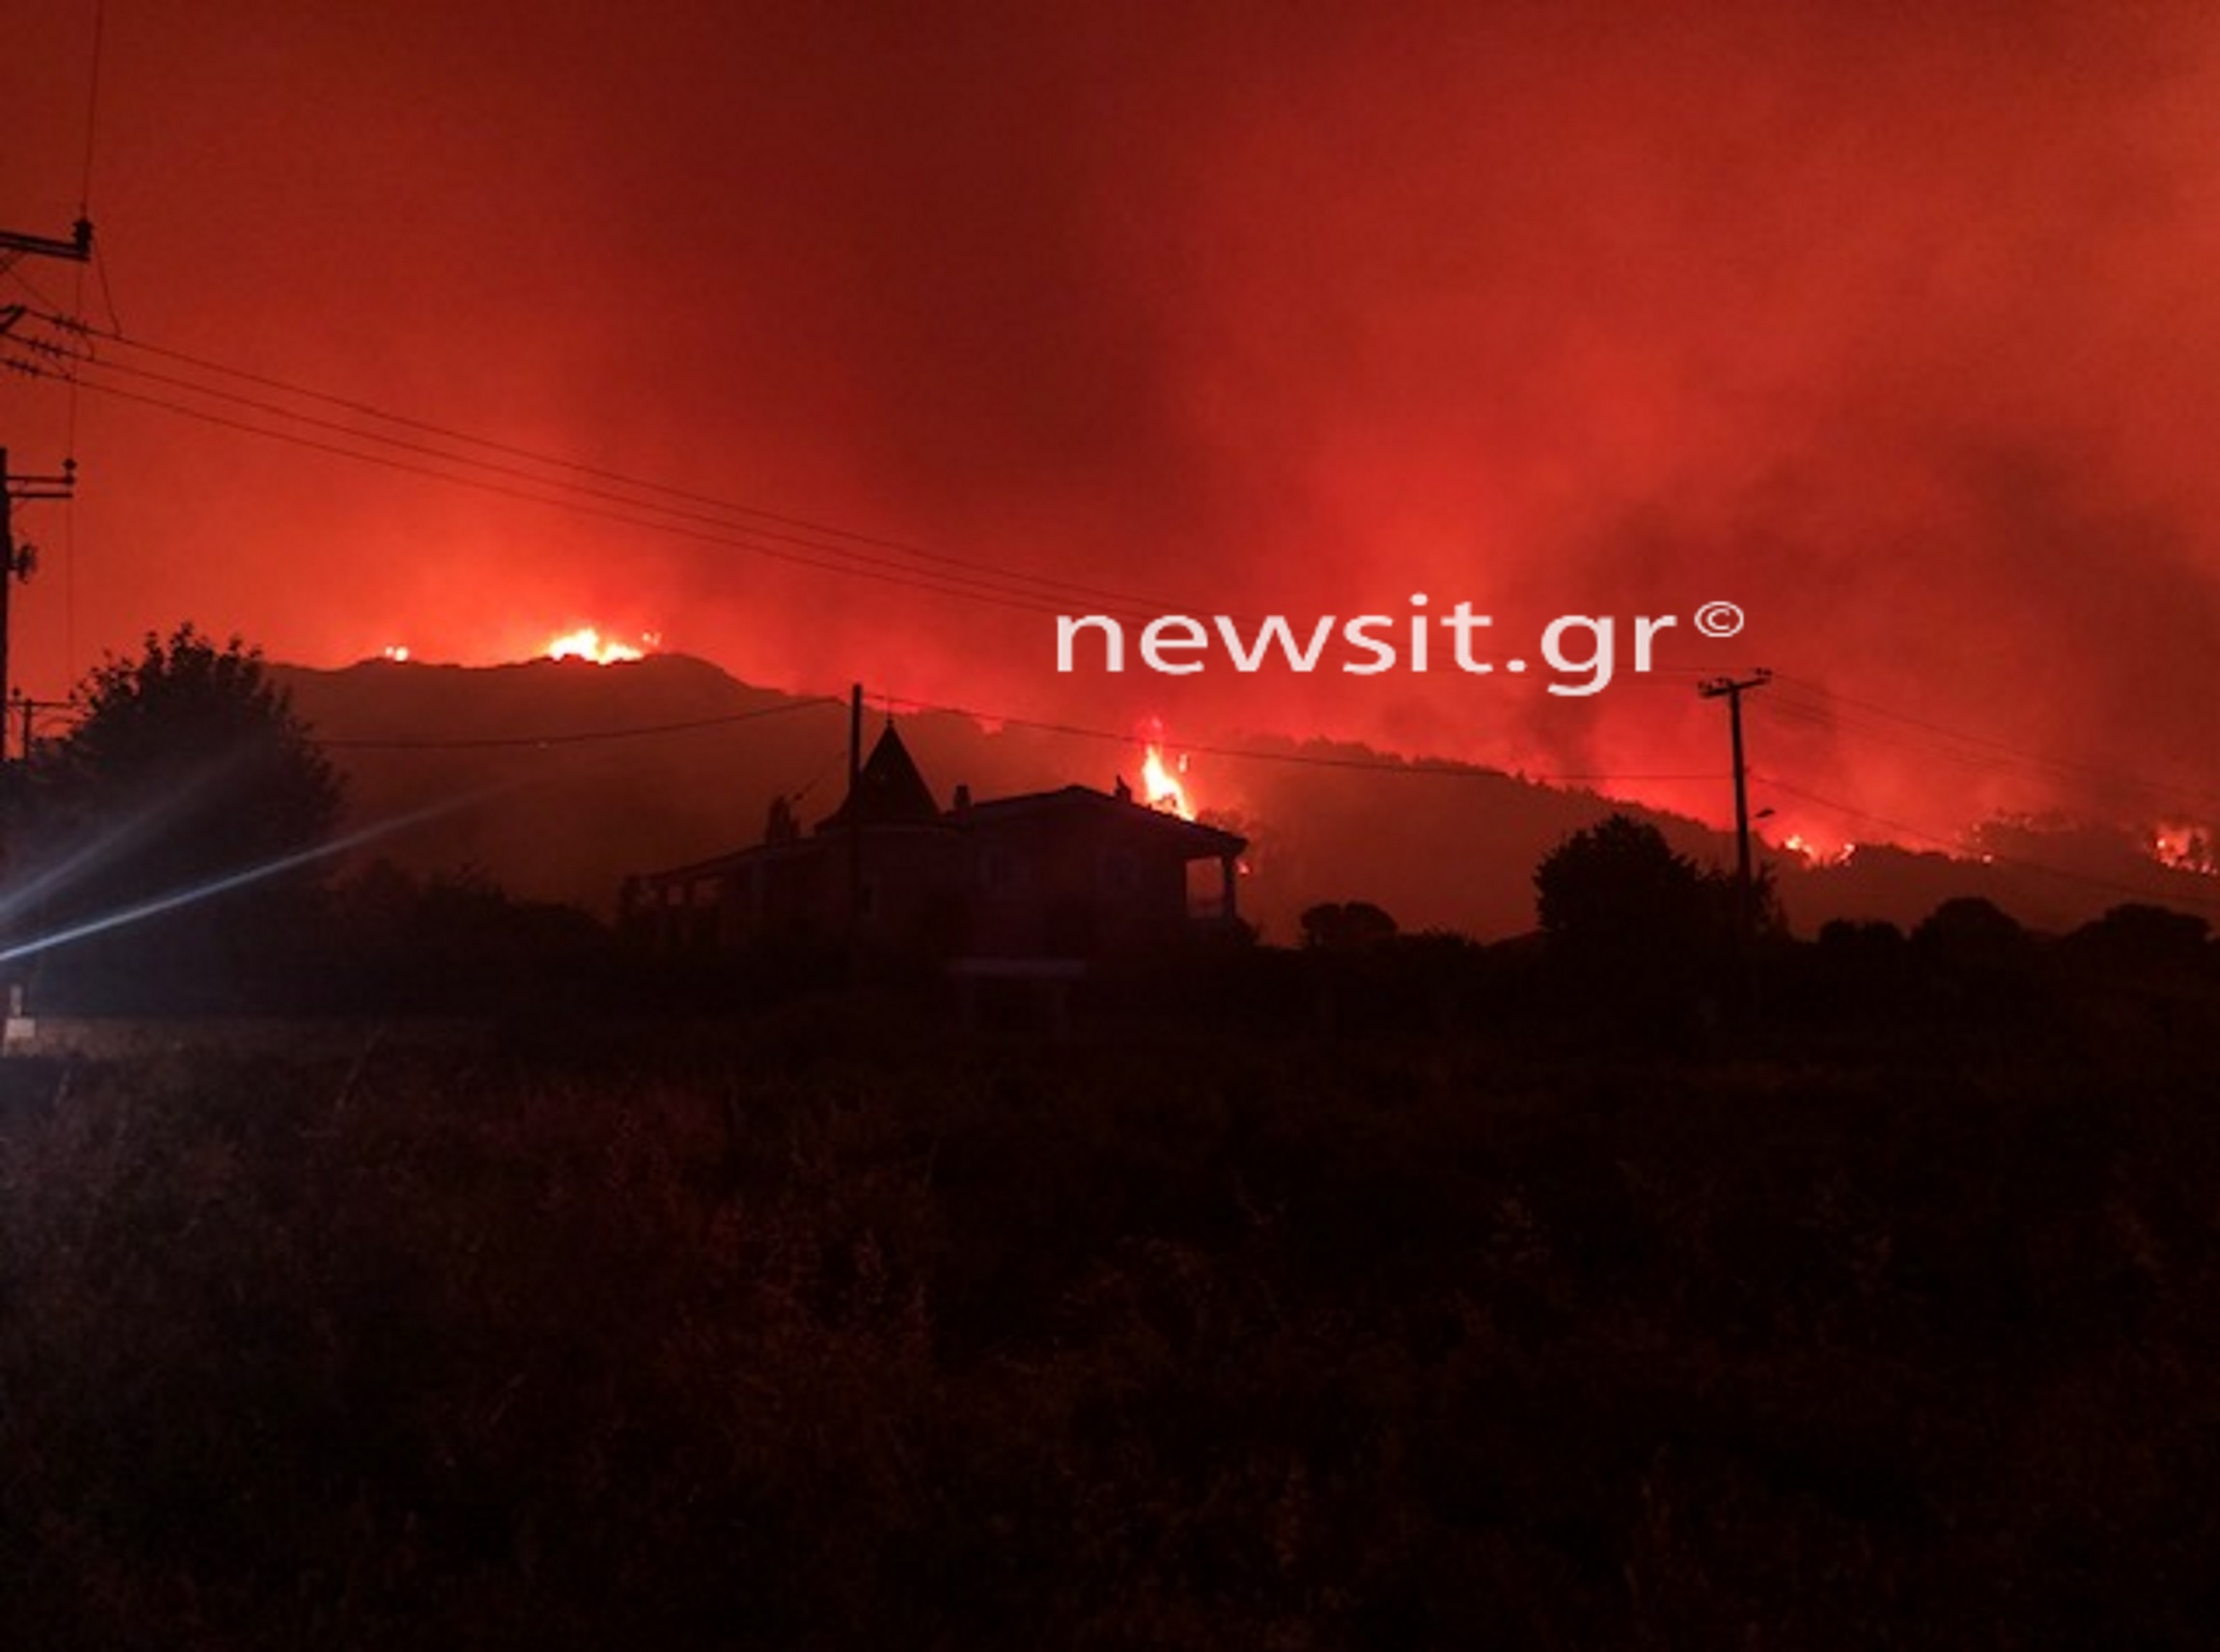 Φωτιά σε Δροσοπηγή – Κρυονέρι: Το newsit.gr στο ανεξέλεγκτο πύρινο μέτωπο